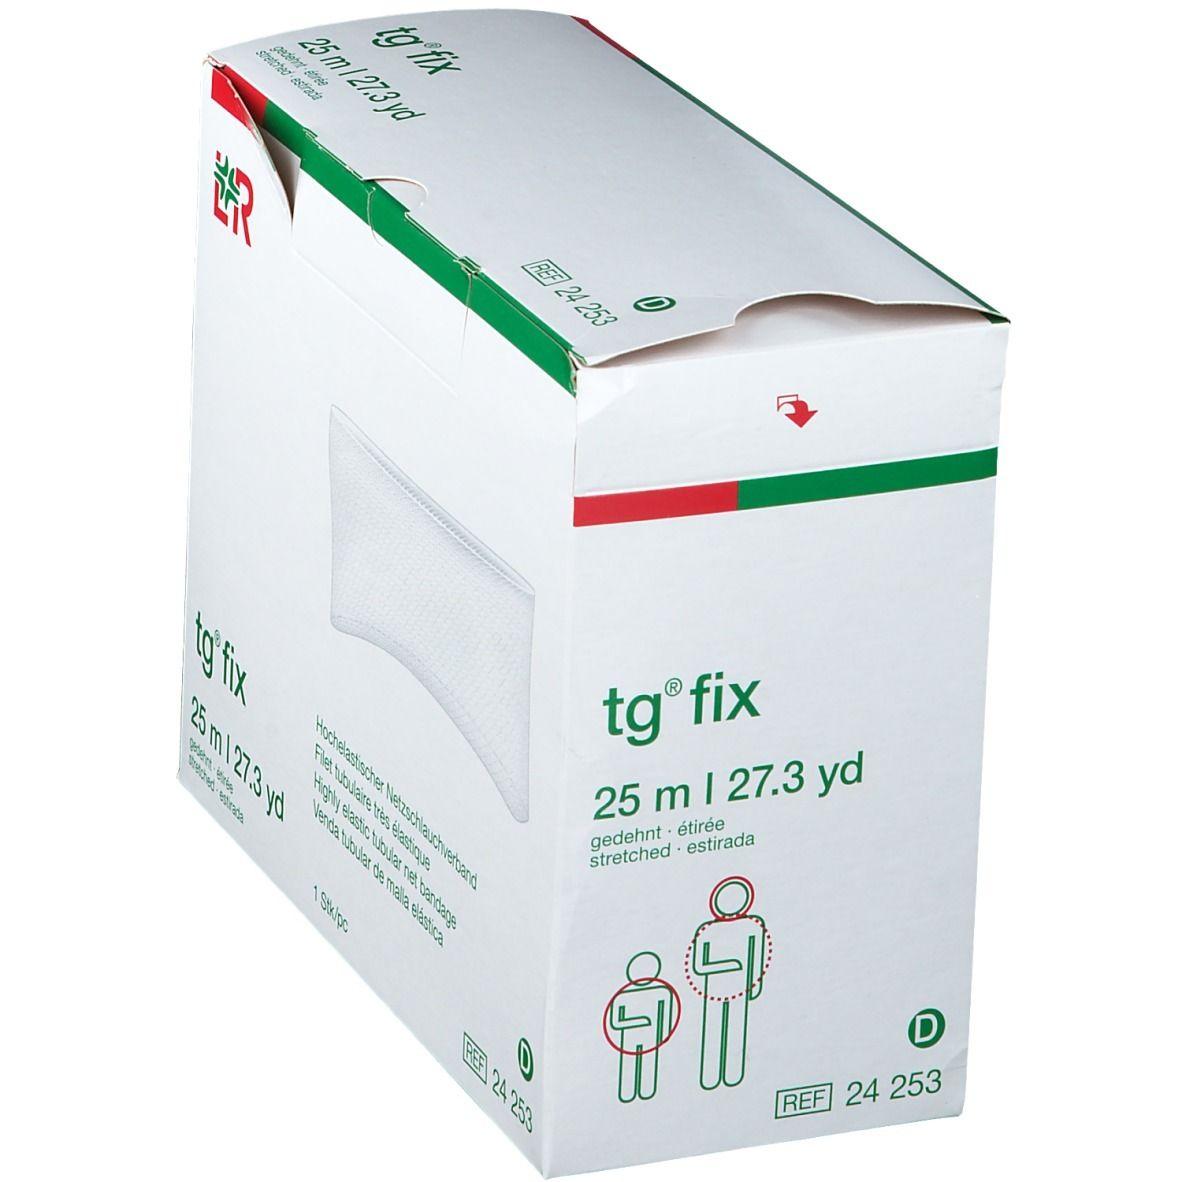 Tg-Fix D Net Tubular Torso 24253